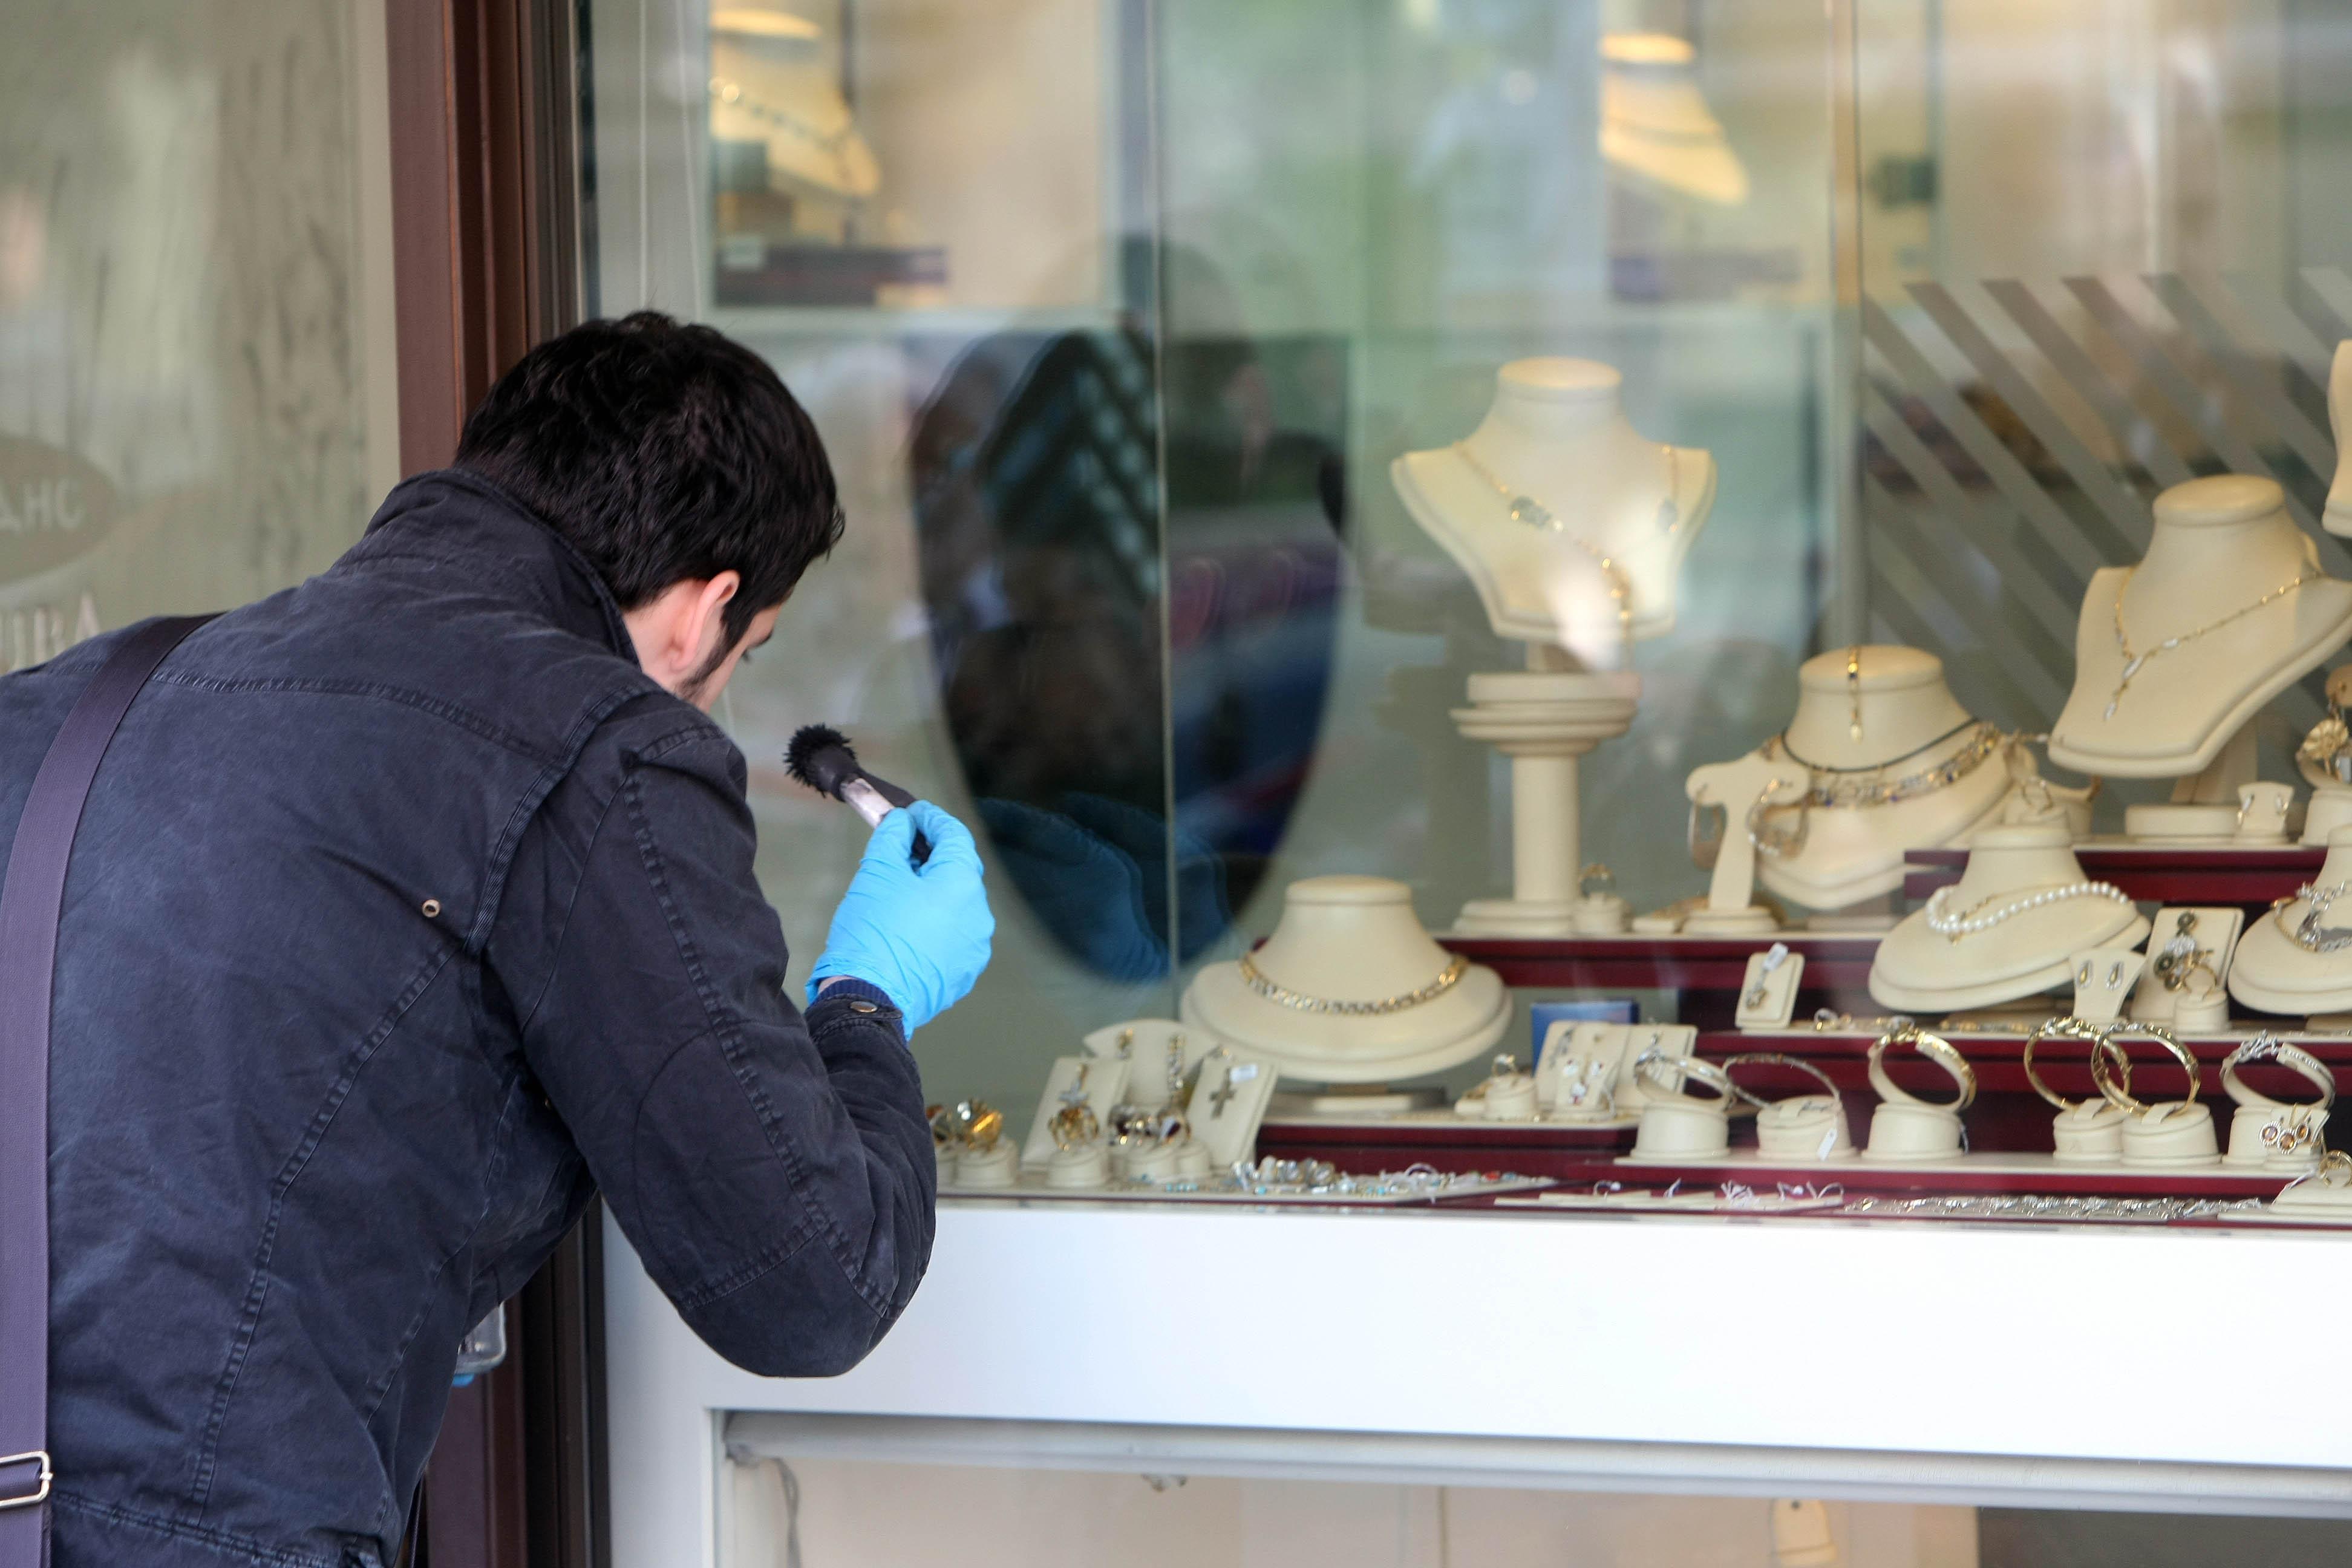 Νέα διάρρηξη σε κοσμηματοπωλείο | tovima.gr